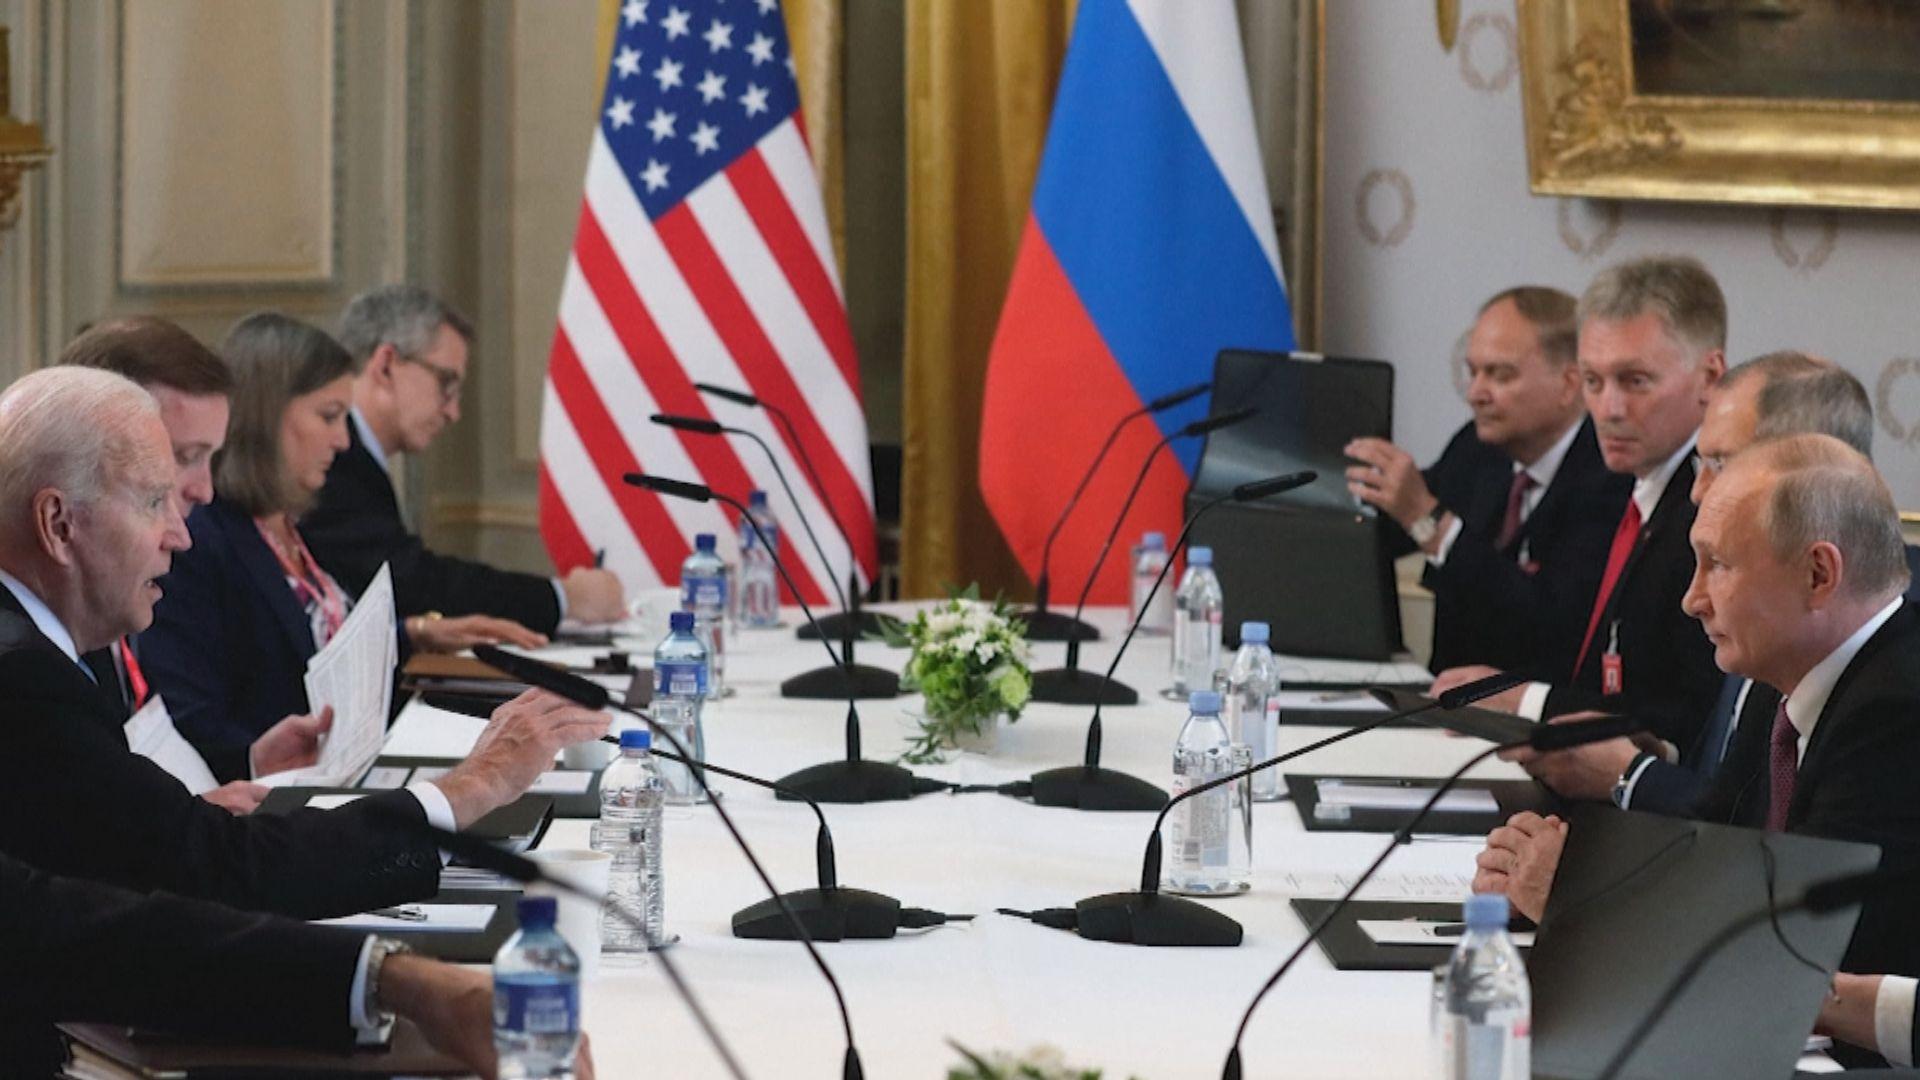 美俄首腦峰會結束 拜登:會談氣氛良好和正面